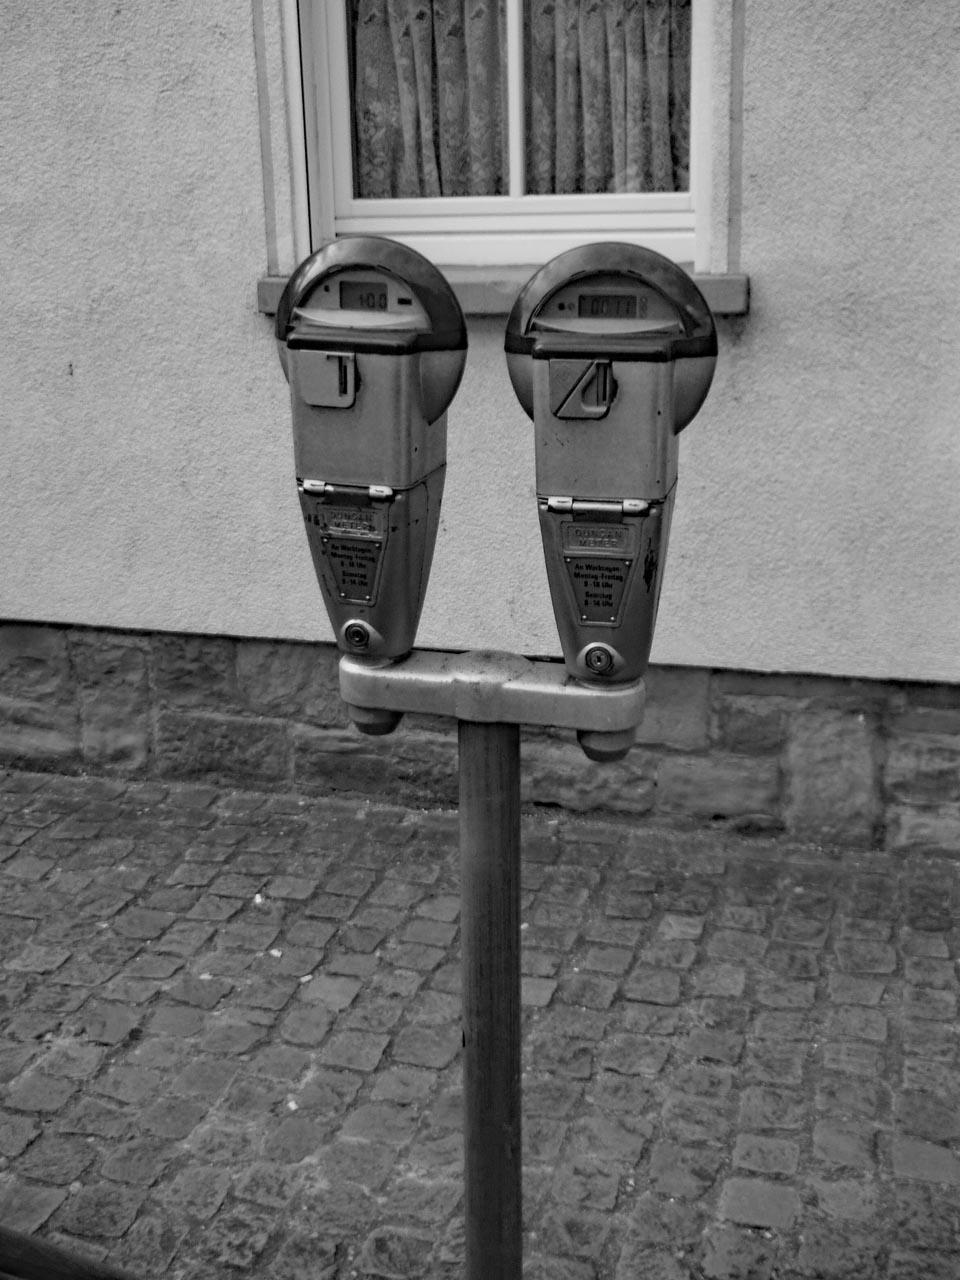 Parkuhren in schwarz-weiß